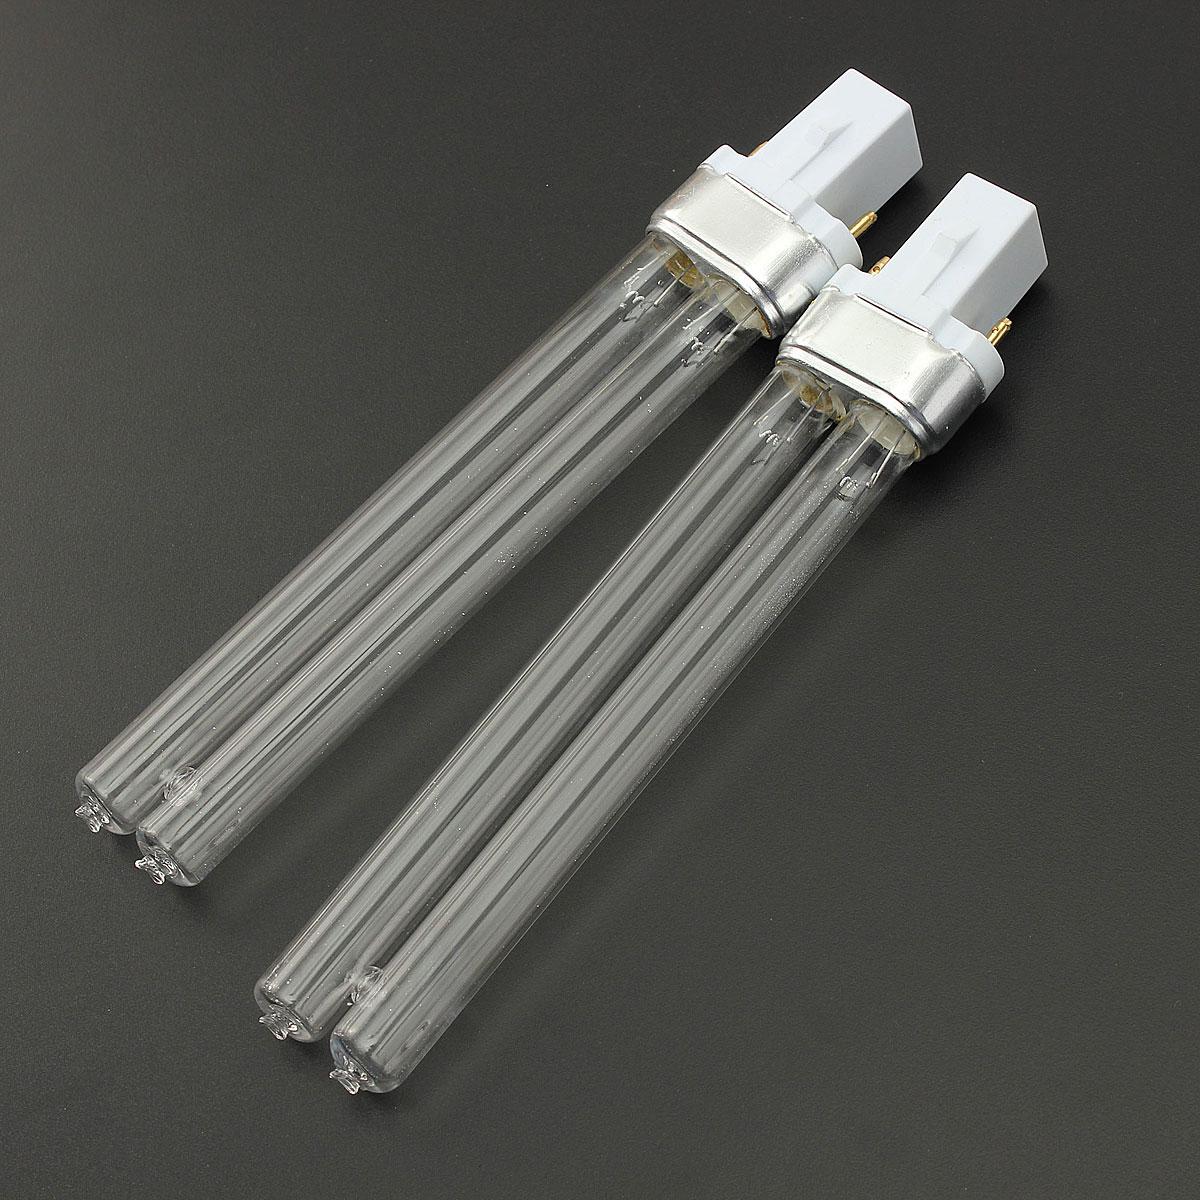 UV light tube for external filter 1200/1600/2800